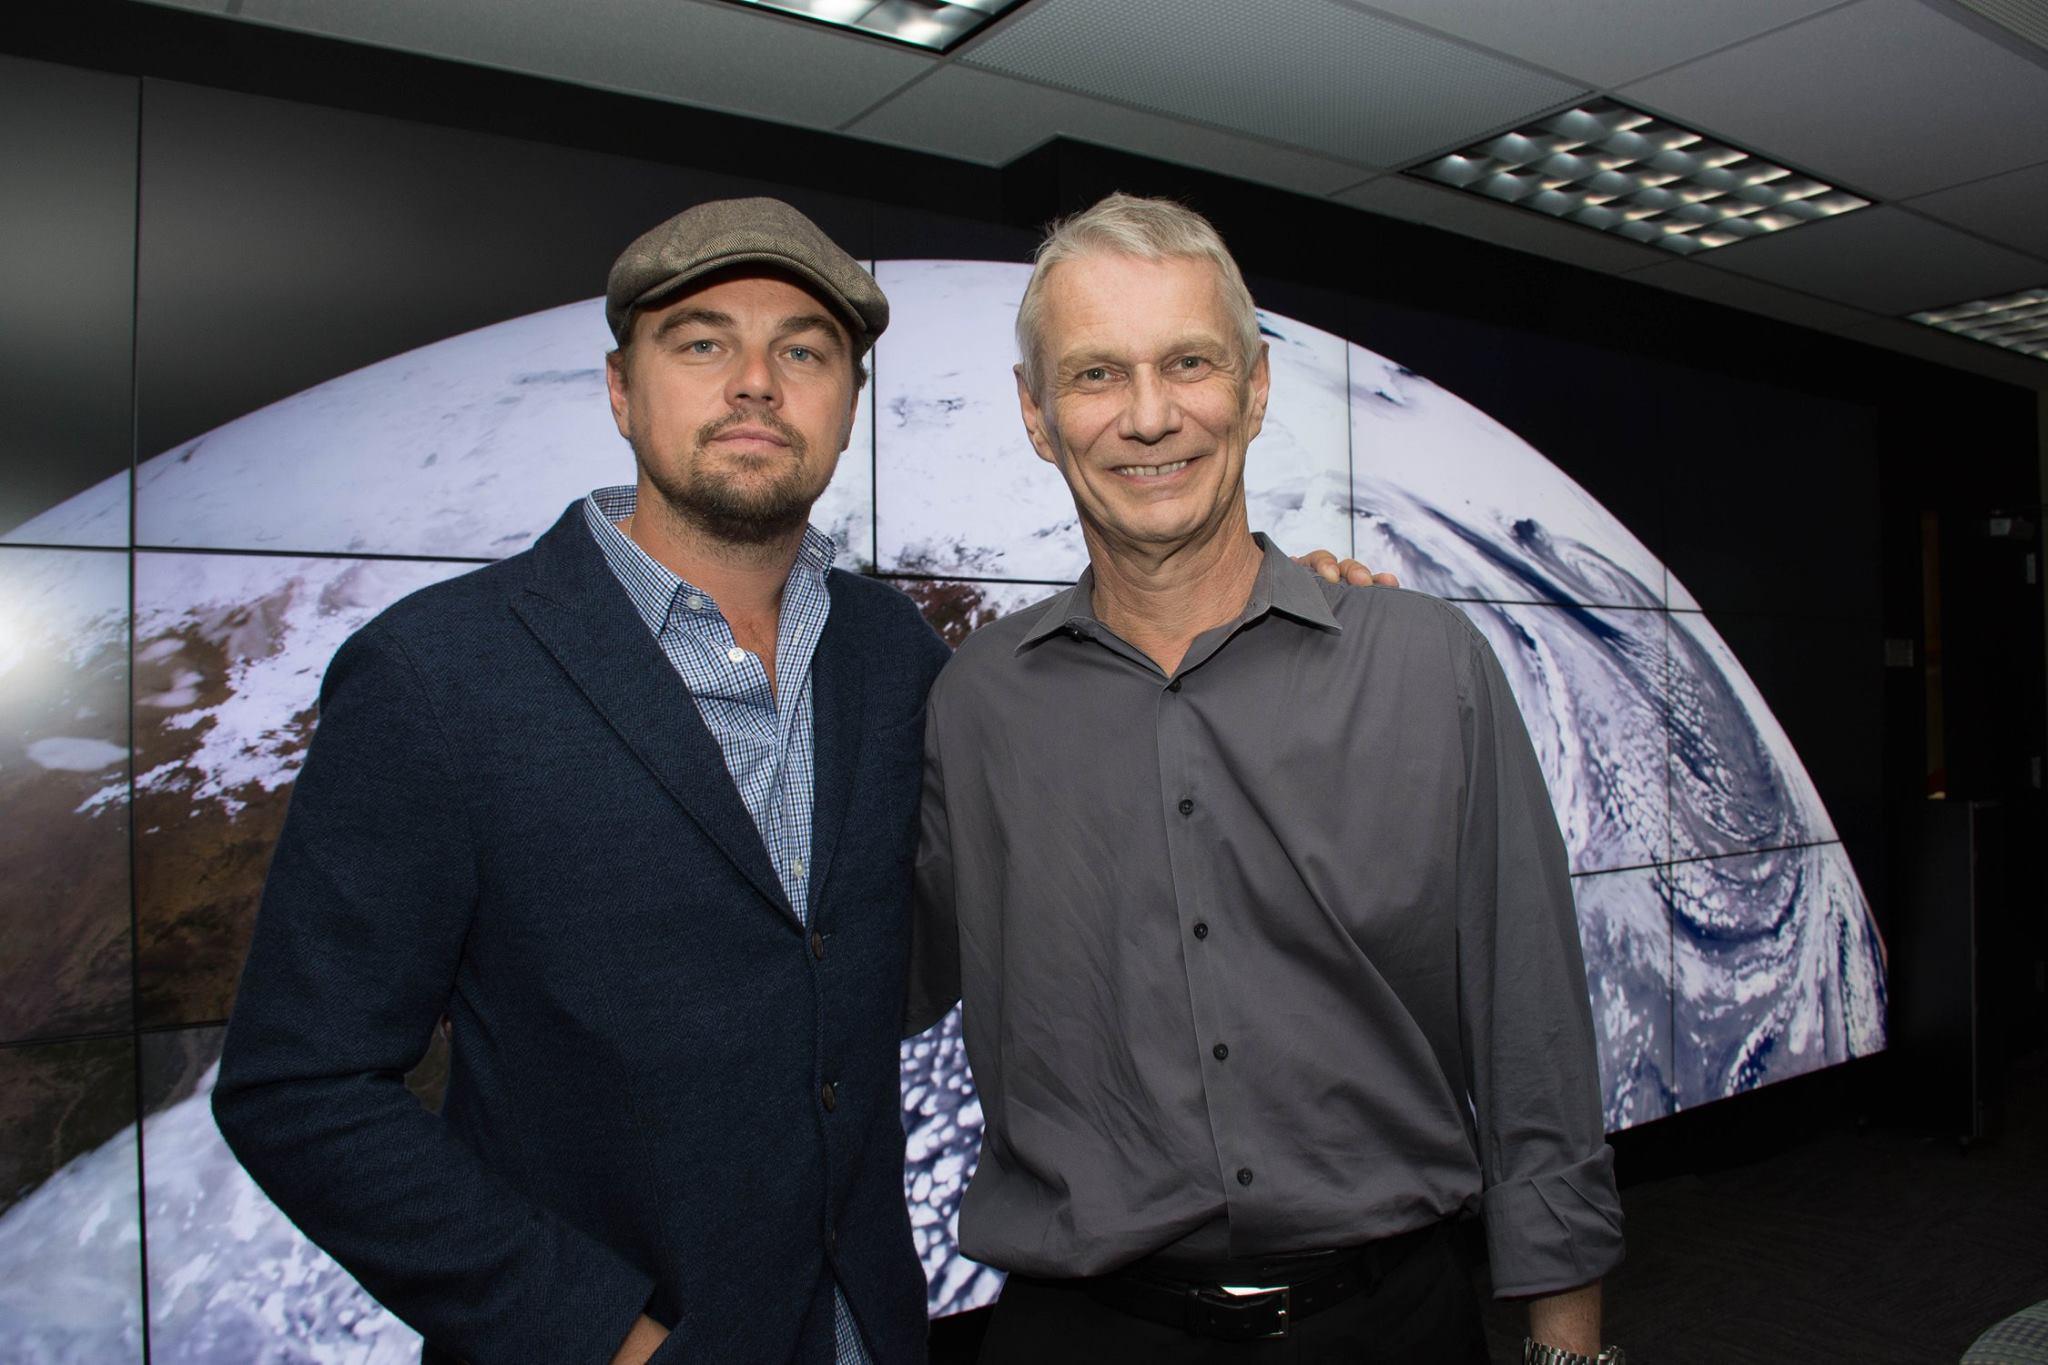 Share Leonardo DiCaprio's Jetset Climate Burden